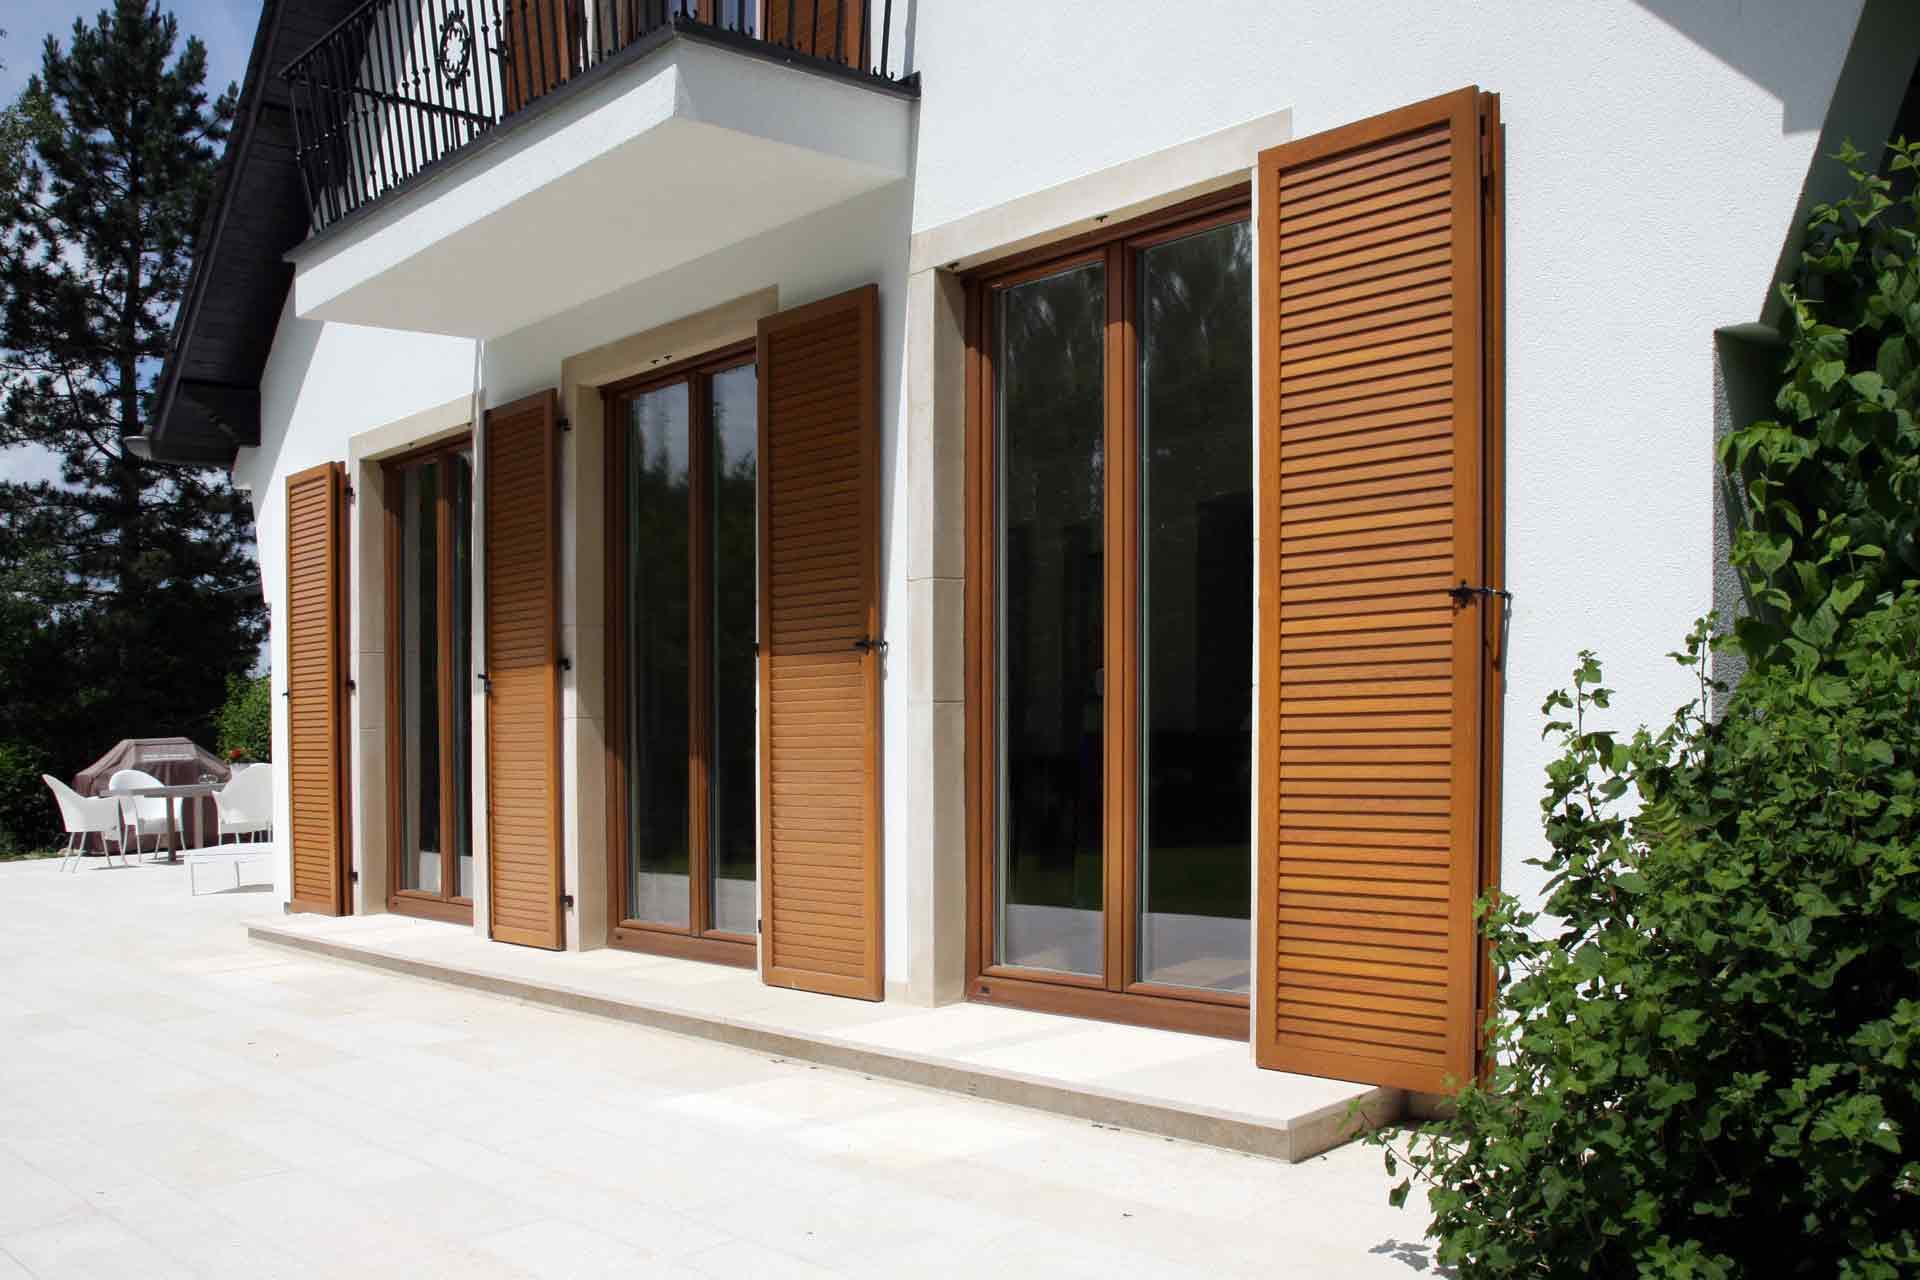 Großes weißes Einfamilienhaus mit Nahaufnahme auf Rückseite des Hauses mit Blick auf drei Coplaning Fenstertüren mit Klappläden aus Holz.